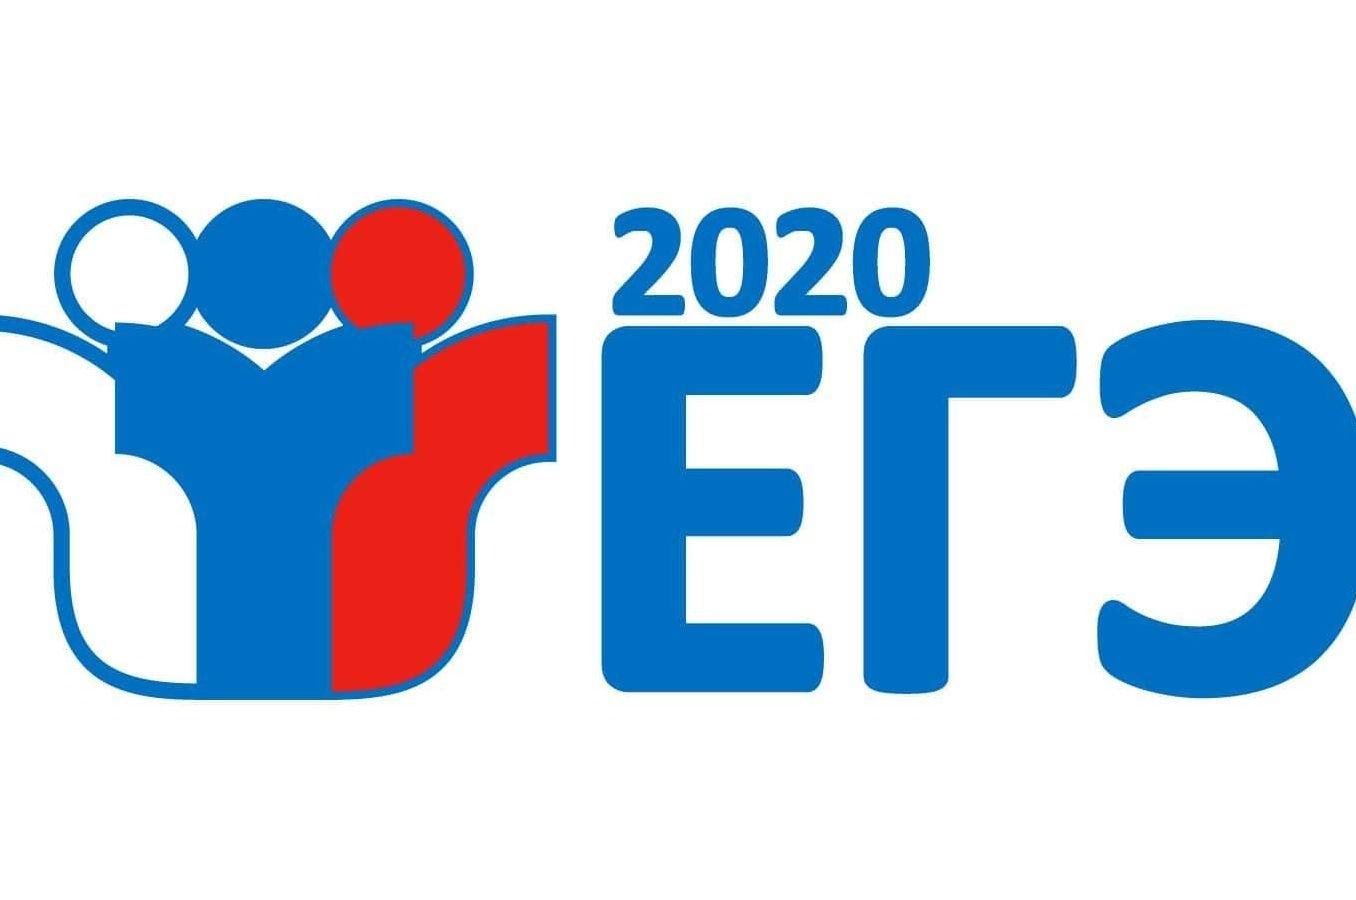 Опубликованы проекты расписаний ЕГЭ, ОГЭ и ГВЭ на 2021 год для общественного обсуждения